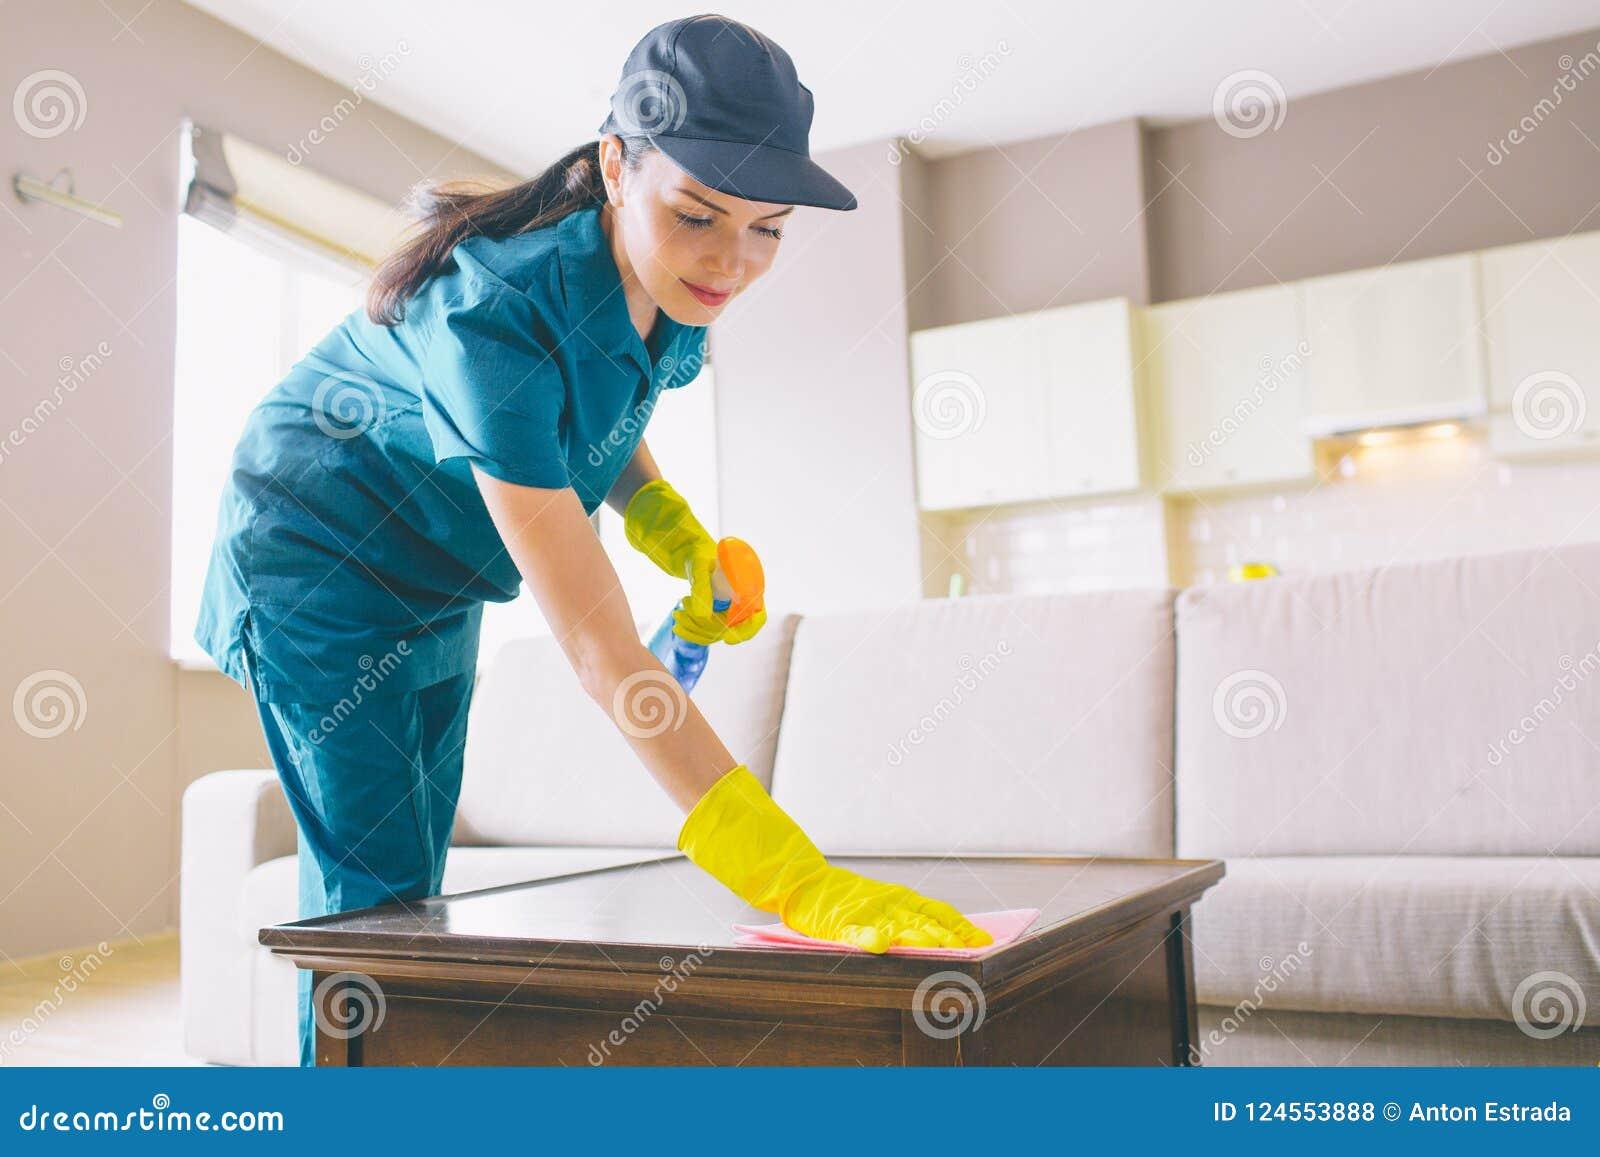 Wahsing yttersida för yrkesmässigt rengöringsmedel av tabellen hon använder trasan och sprej Flickan gör det som är försiktigt